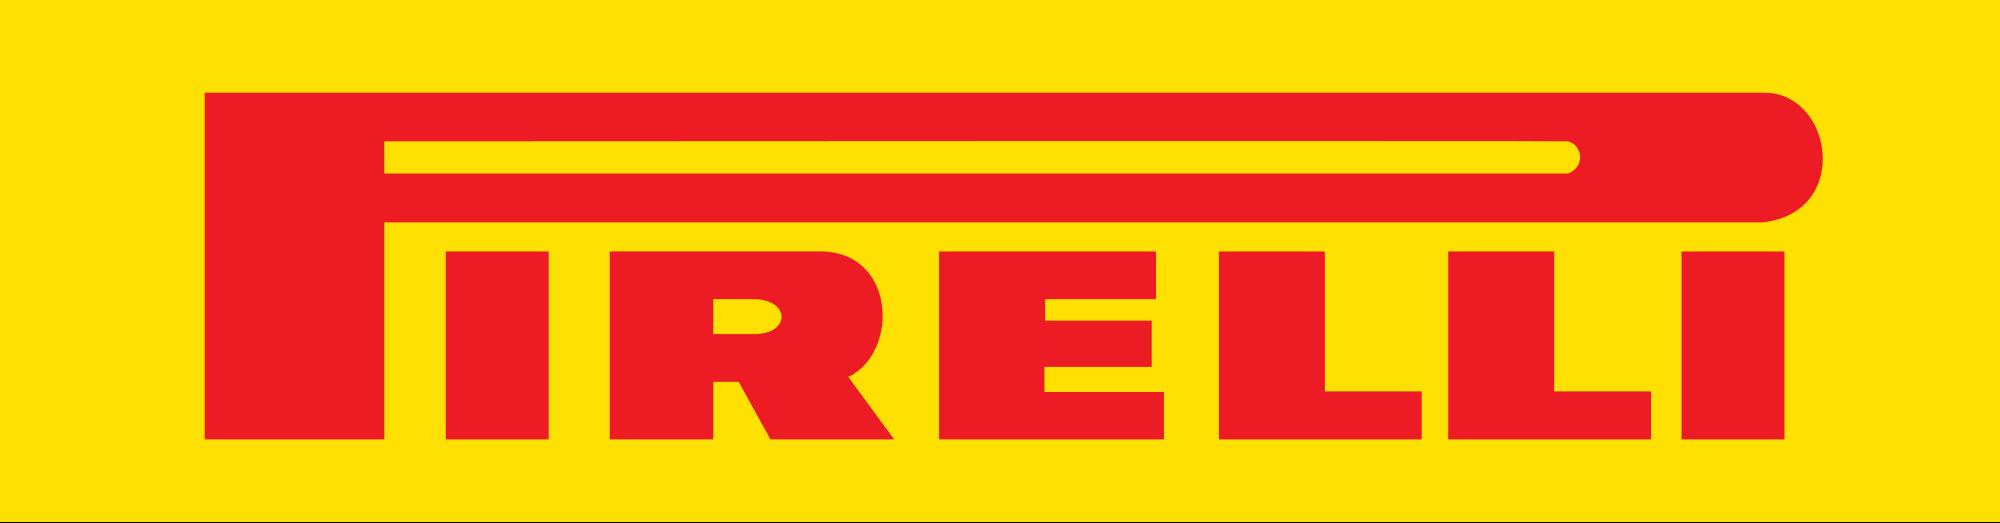 Logo de la marque Pirelli